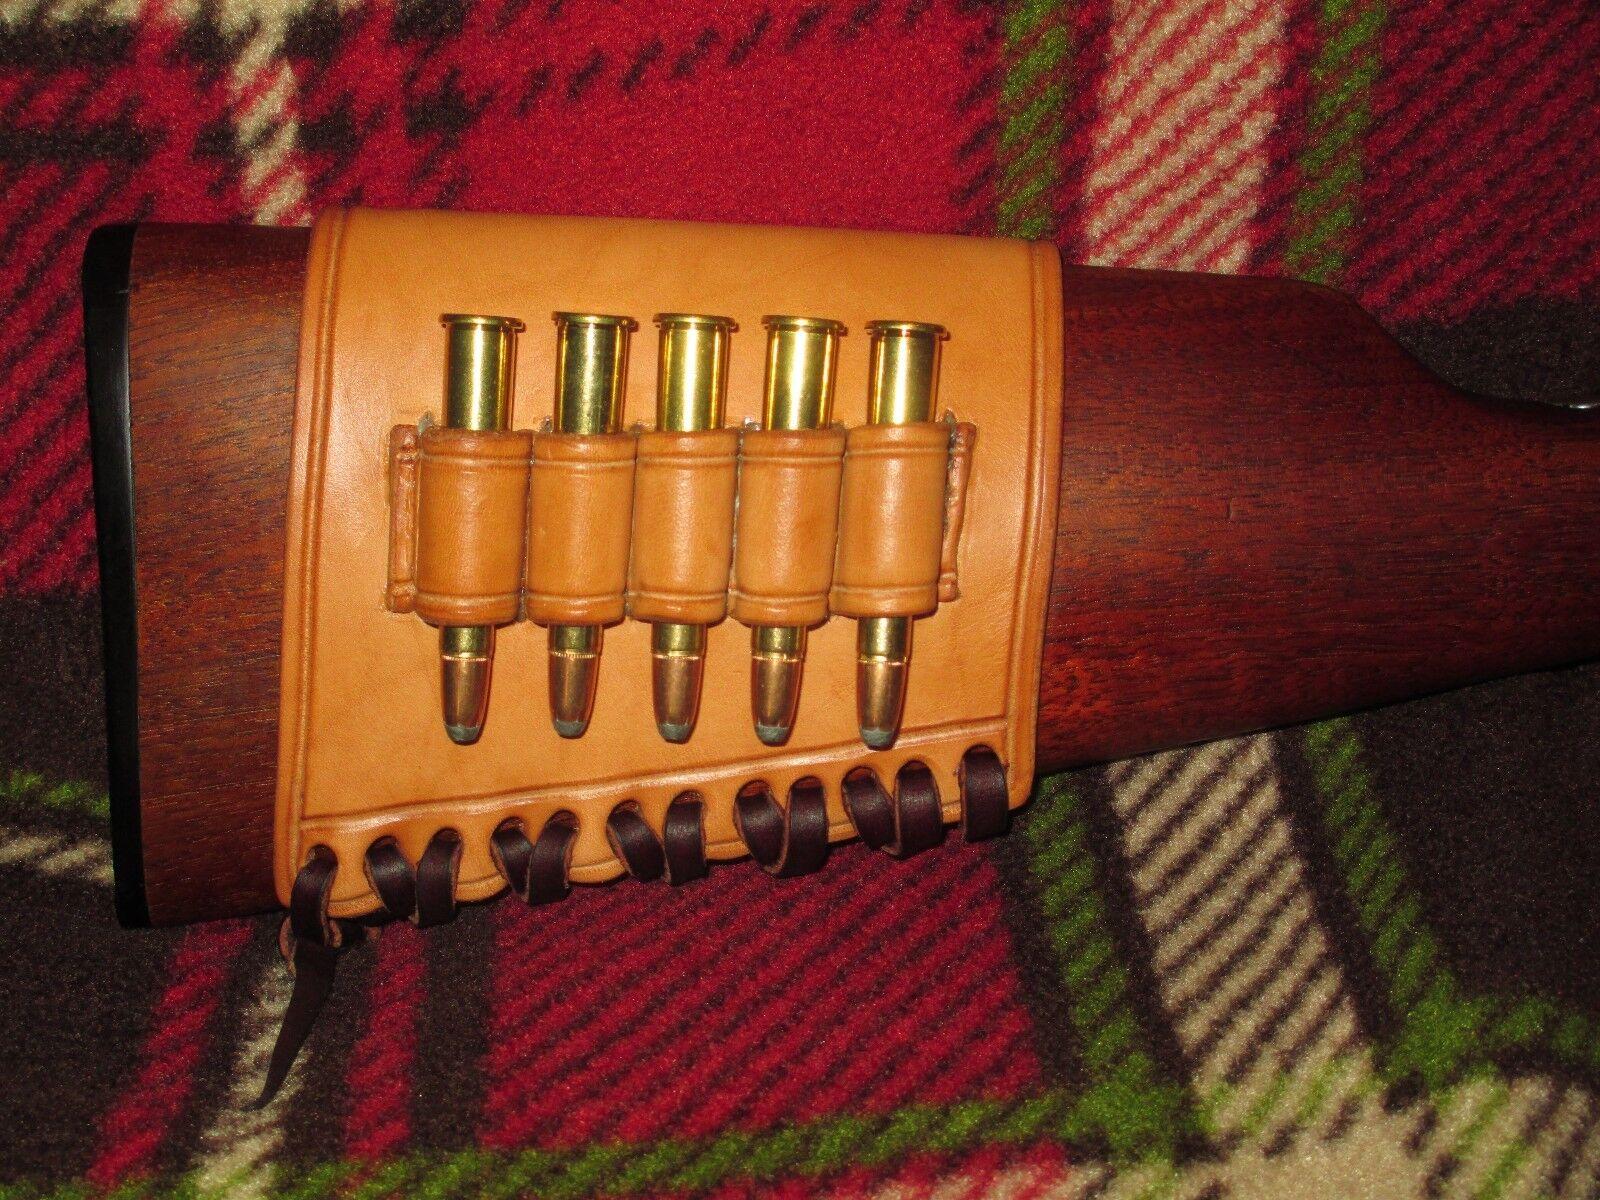 Cartucho de Rifle Stock bucles de cuero para Winchester Marlin Personalizado De Palanca Action